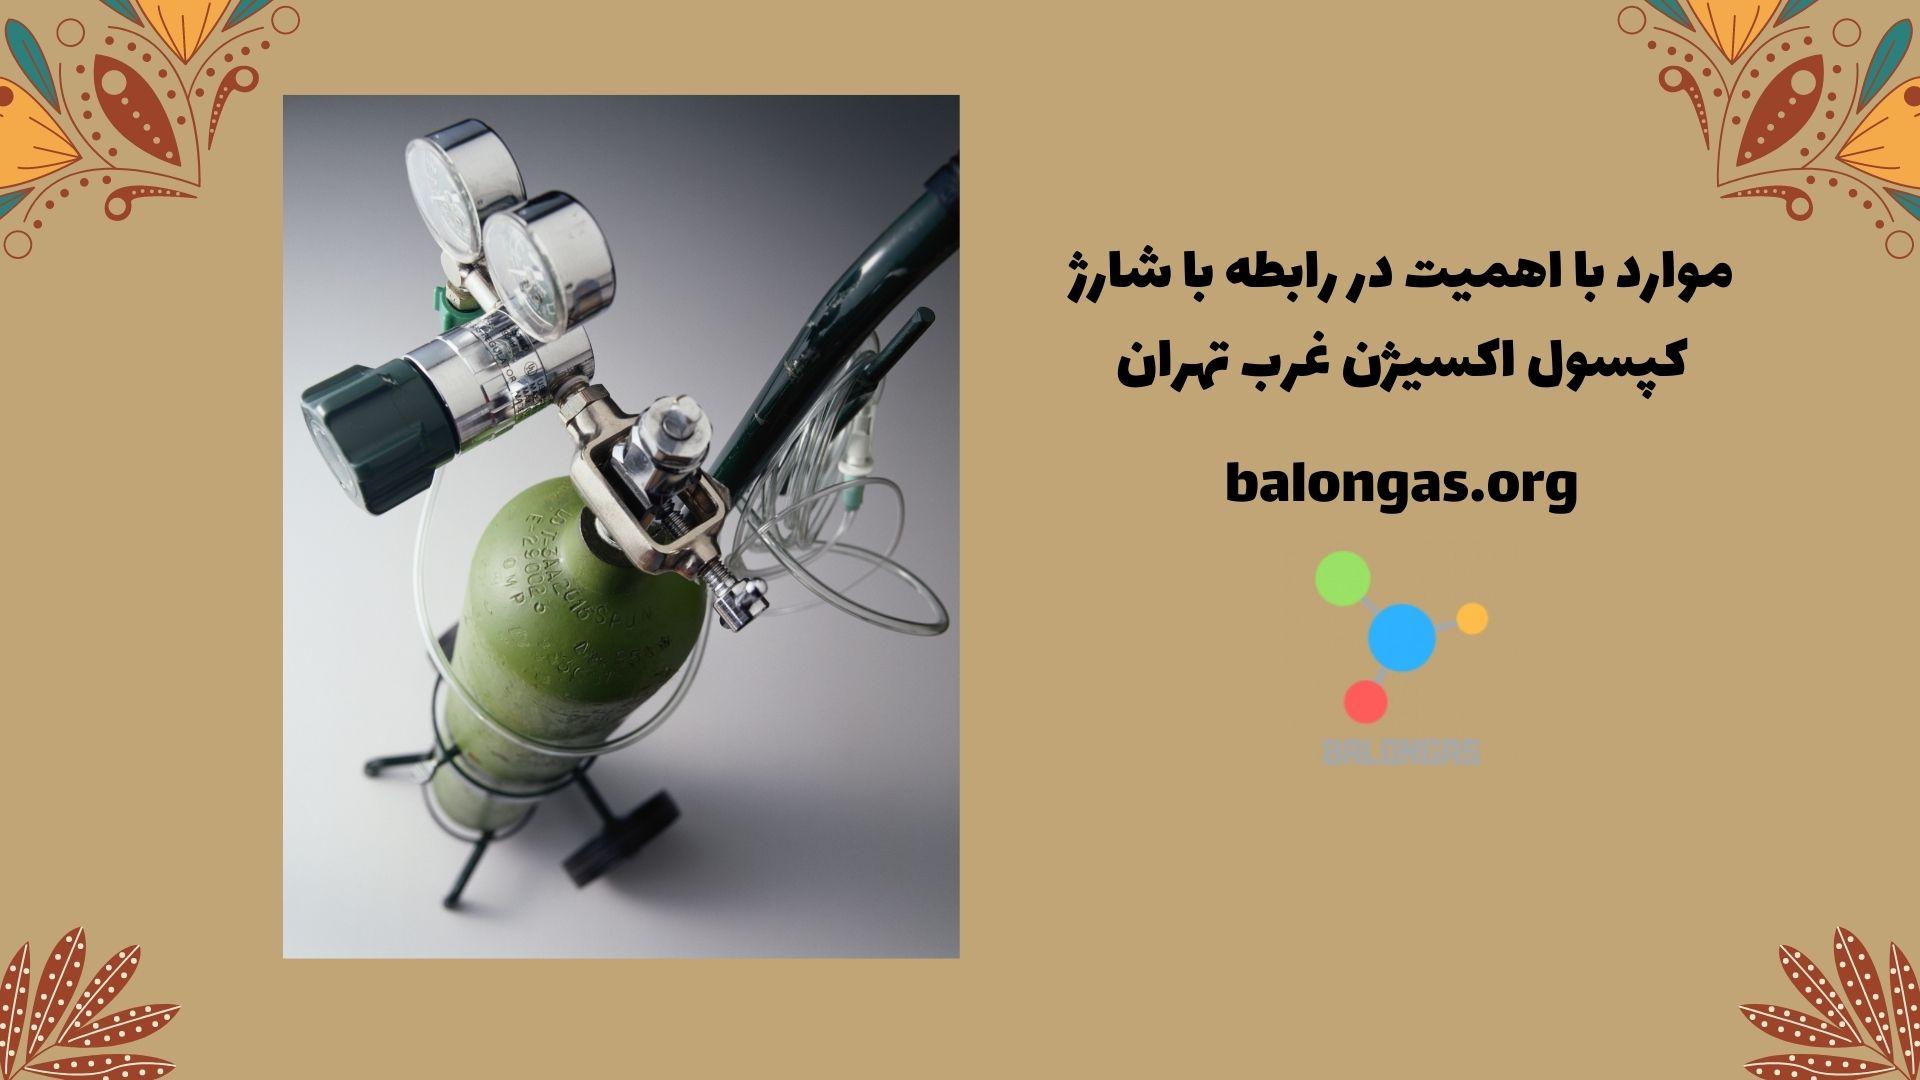 موارد با اهمیت در رابطه با شارژ کپسول اکسیژن غرب تهران